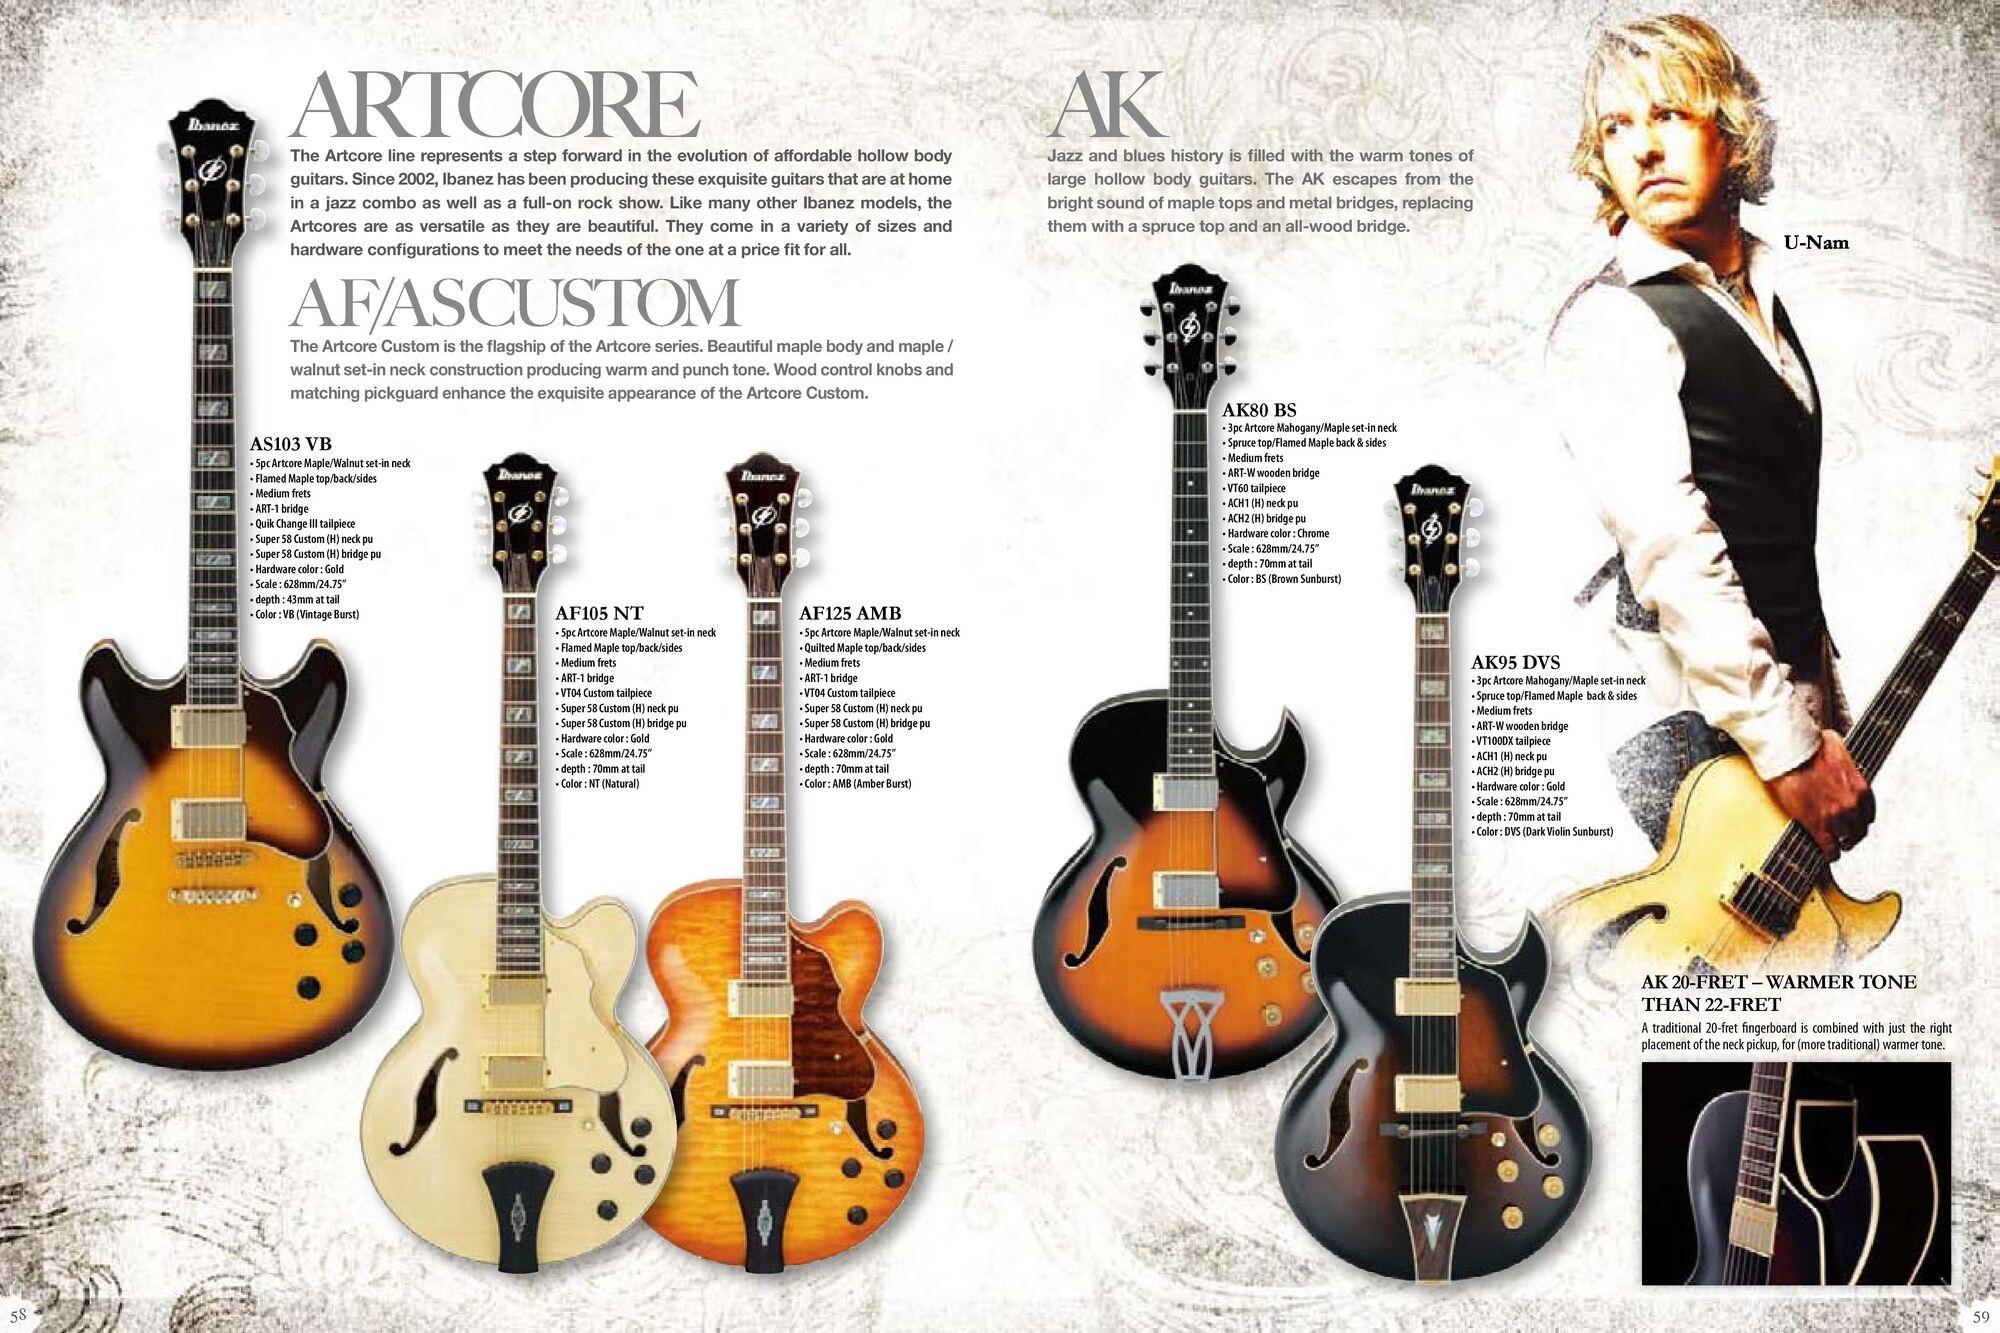 Image - 2010 USA elec guitar catalog p58-59.jpg   Ibanez Wiki   FANDOM  powered by Wikia